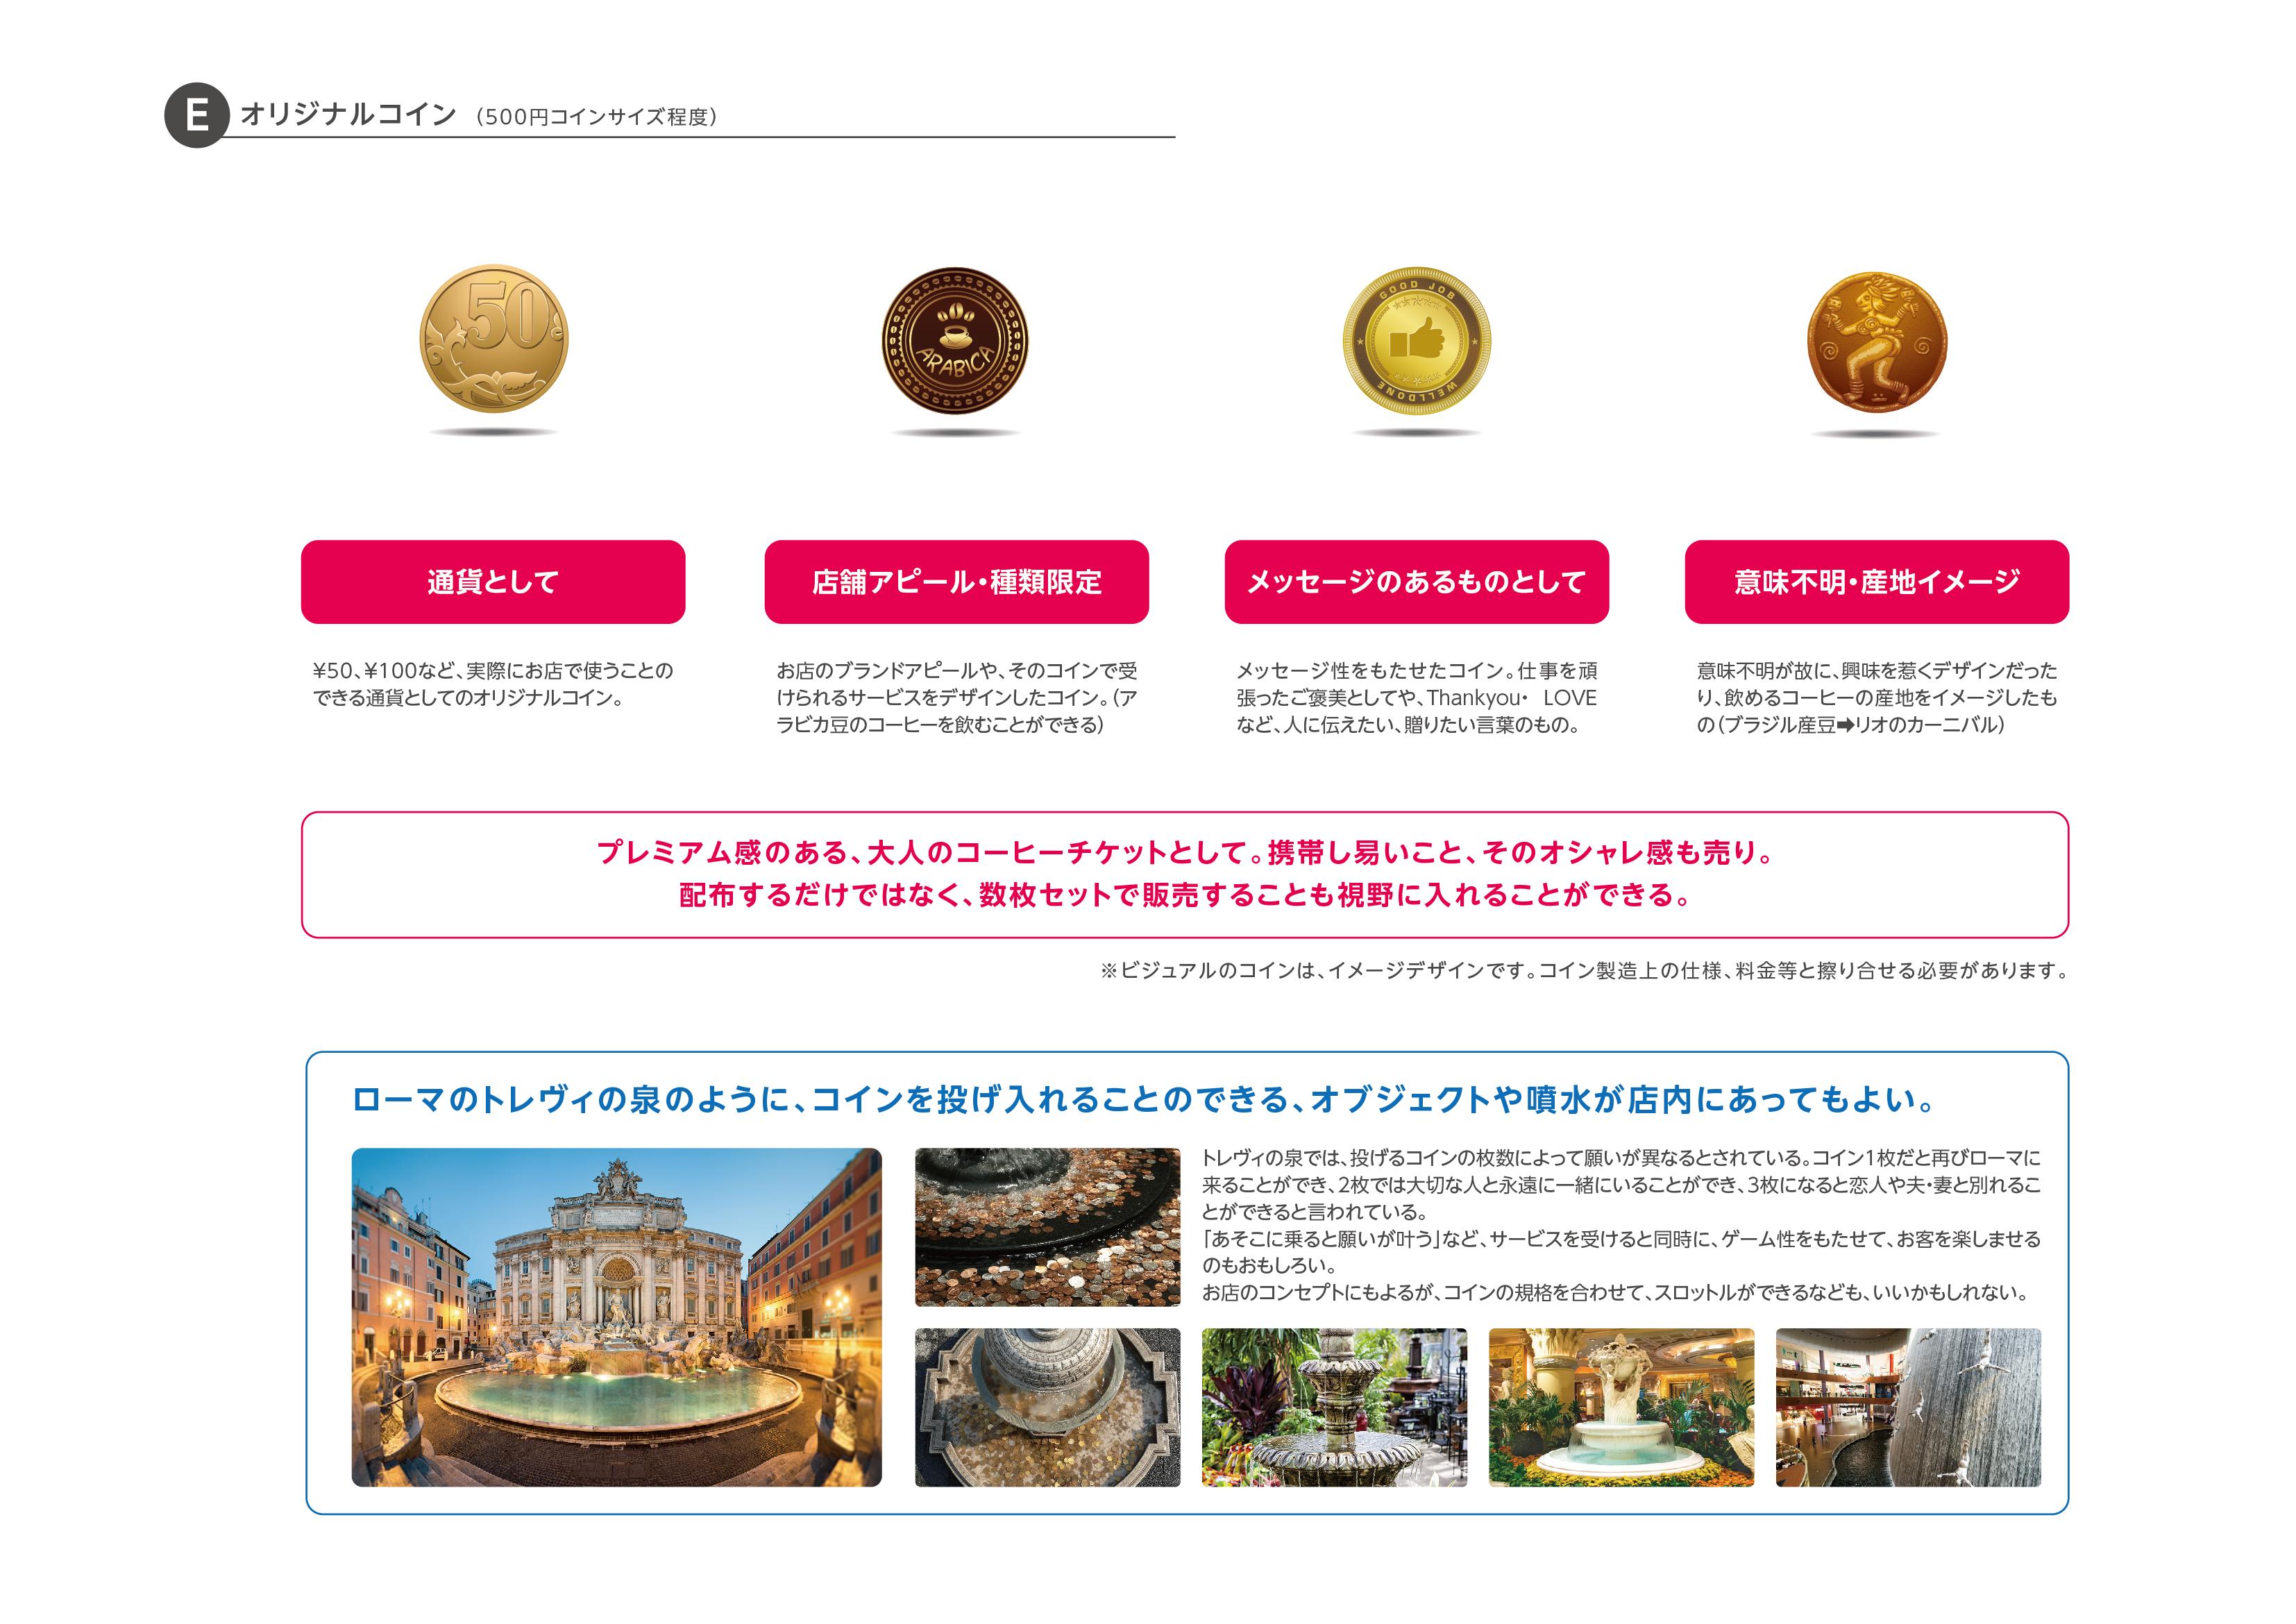 カフェチケットサービス:オリジナルコイン